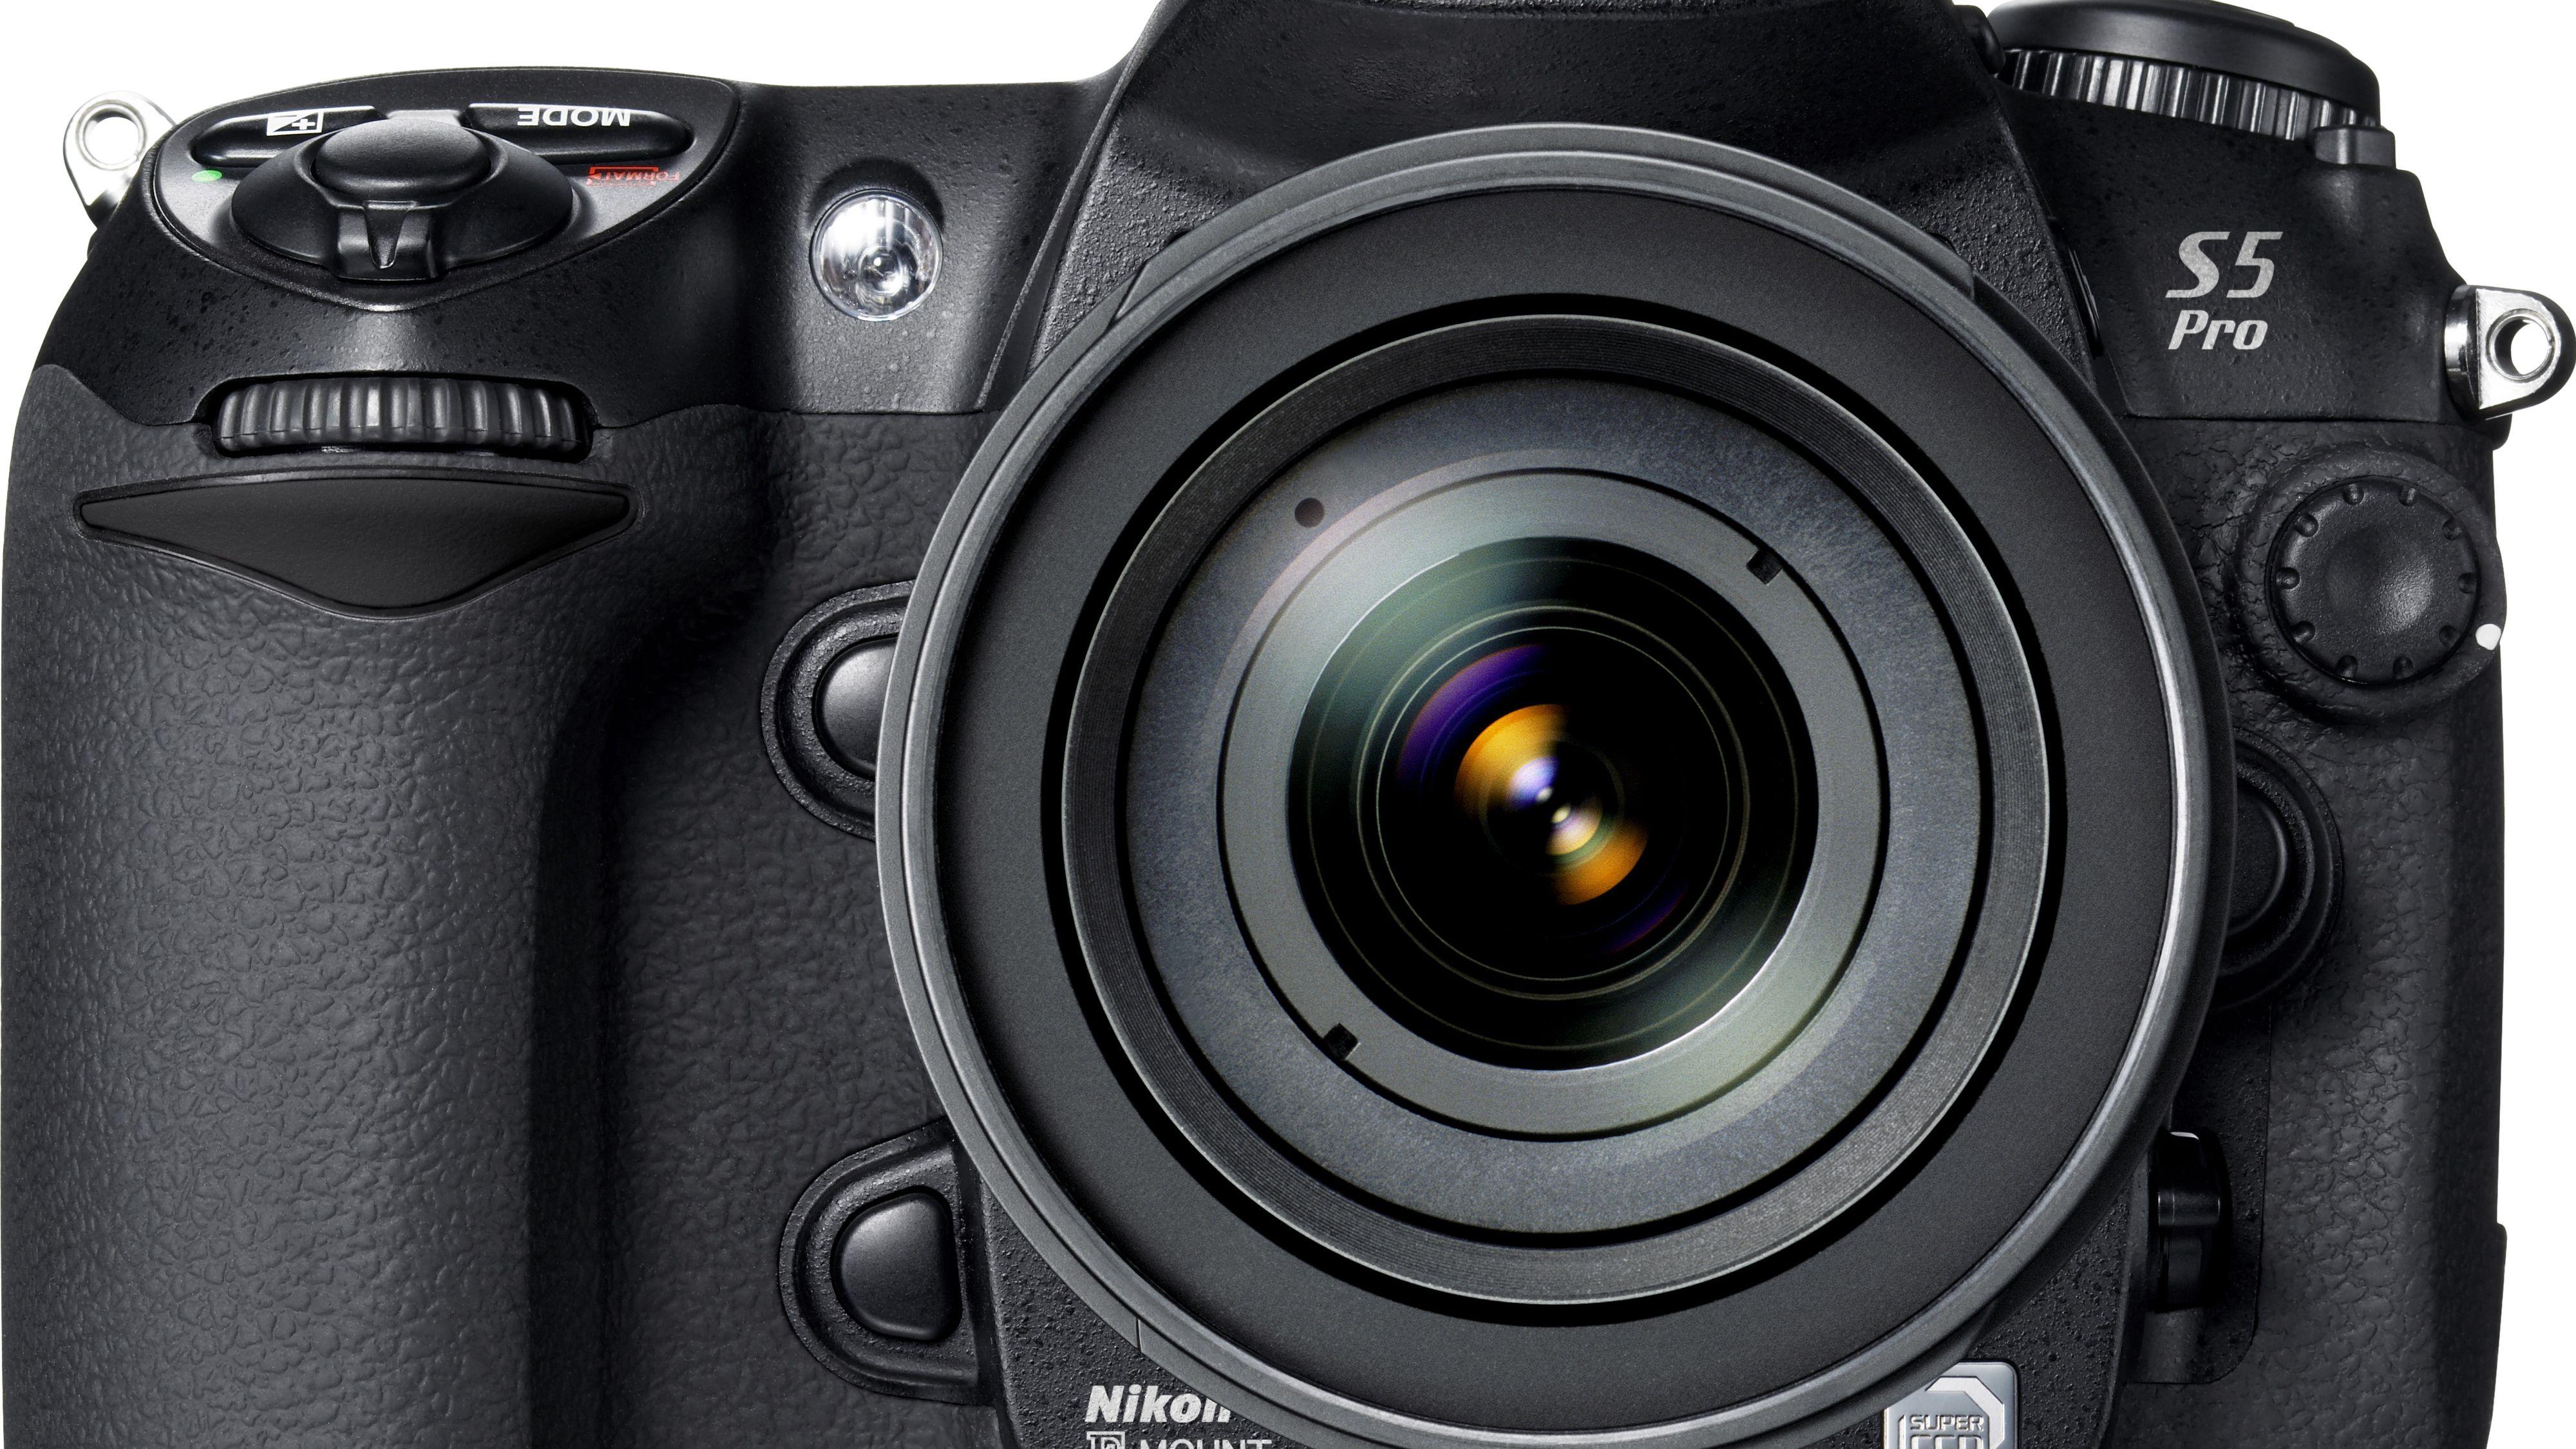 Fuji med mer info om S5 Pro